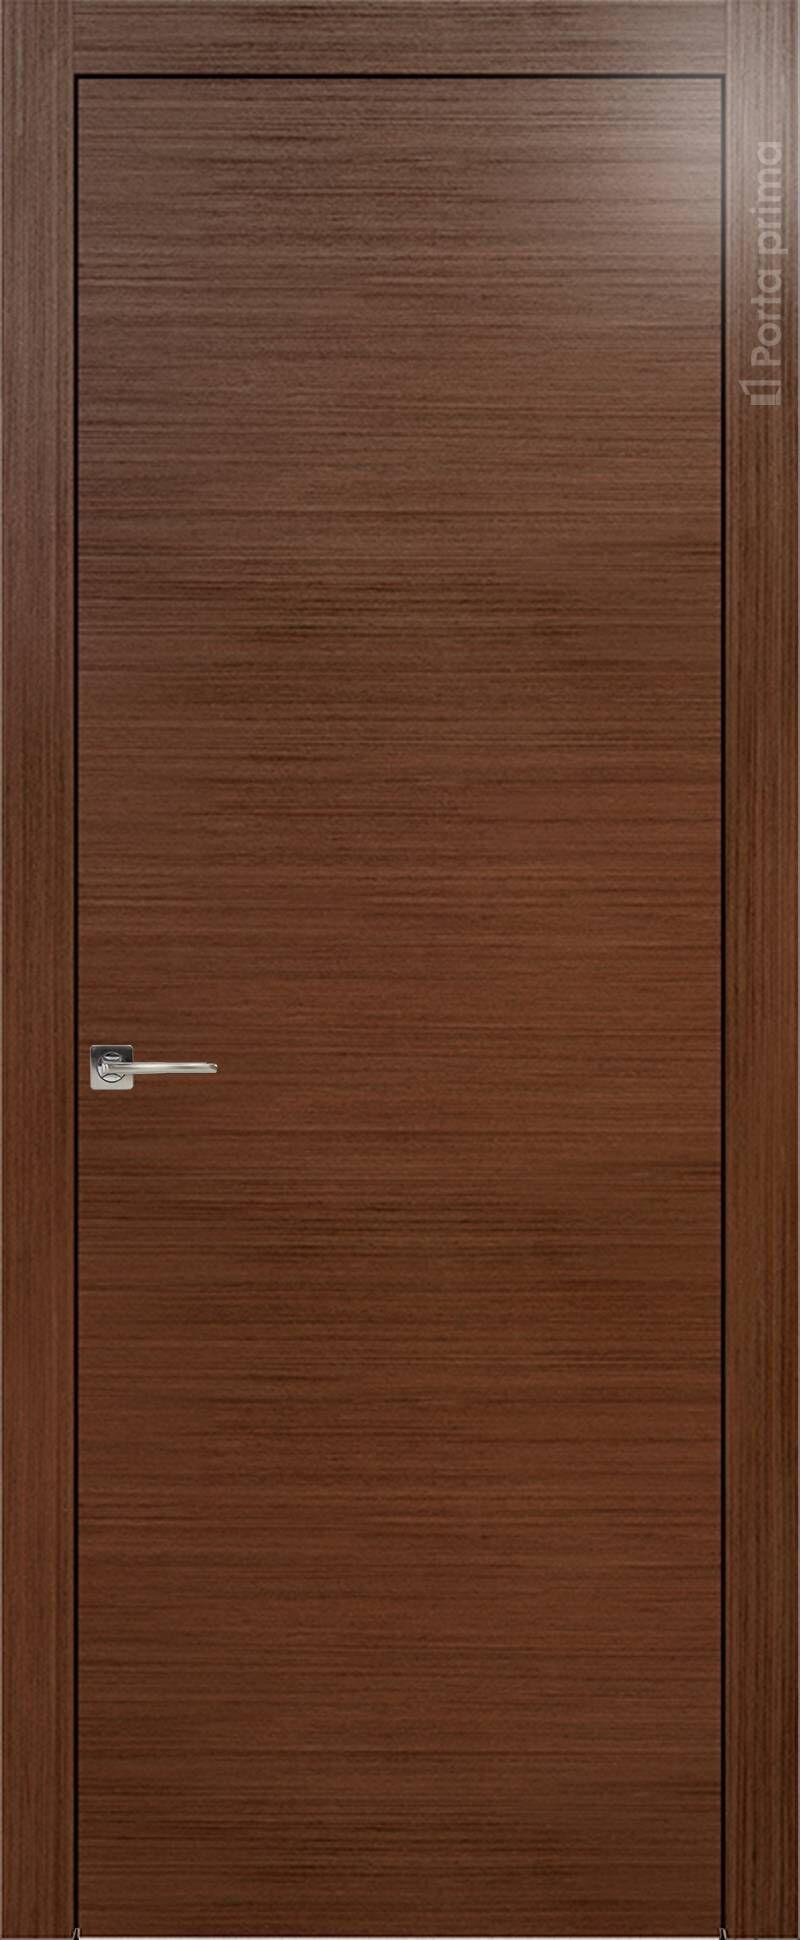 Tivoli А-2 цвет - Темный орех Без стекла (ДГ)